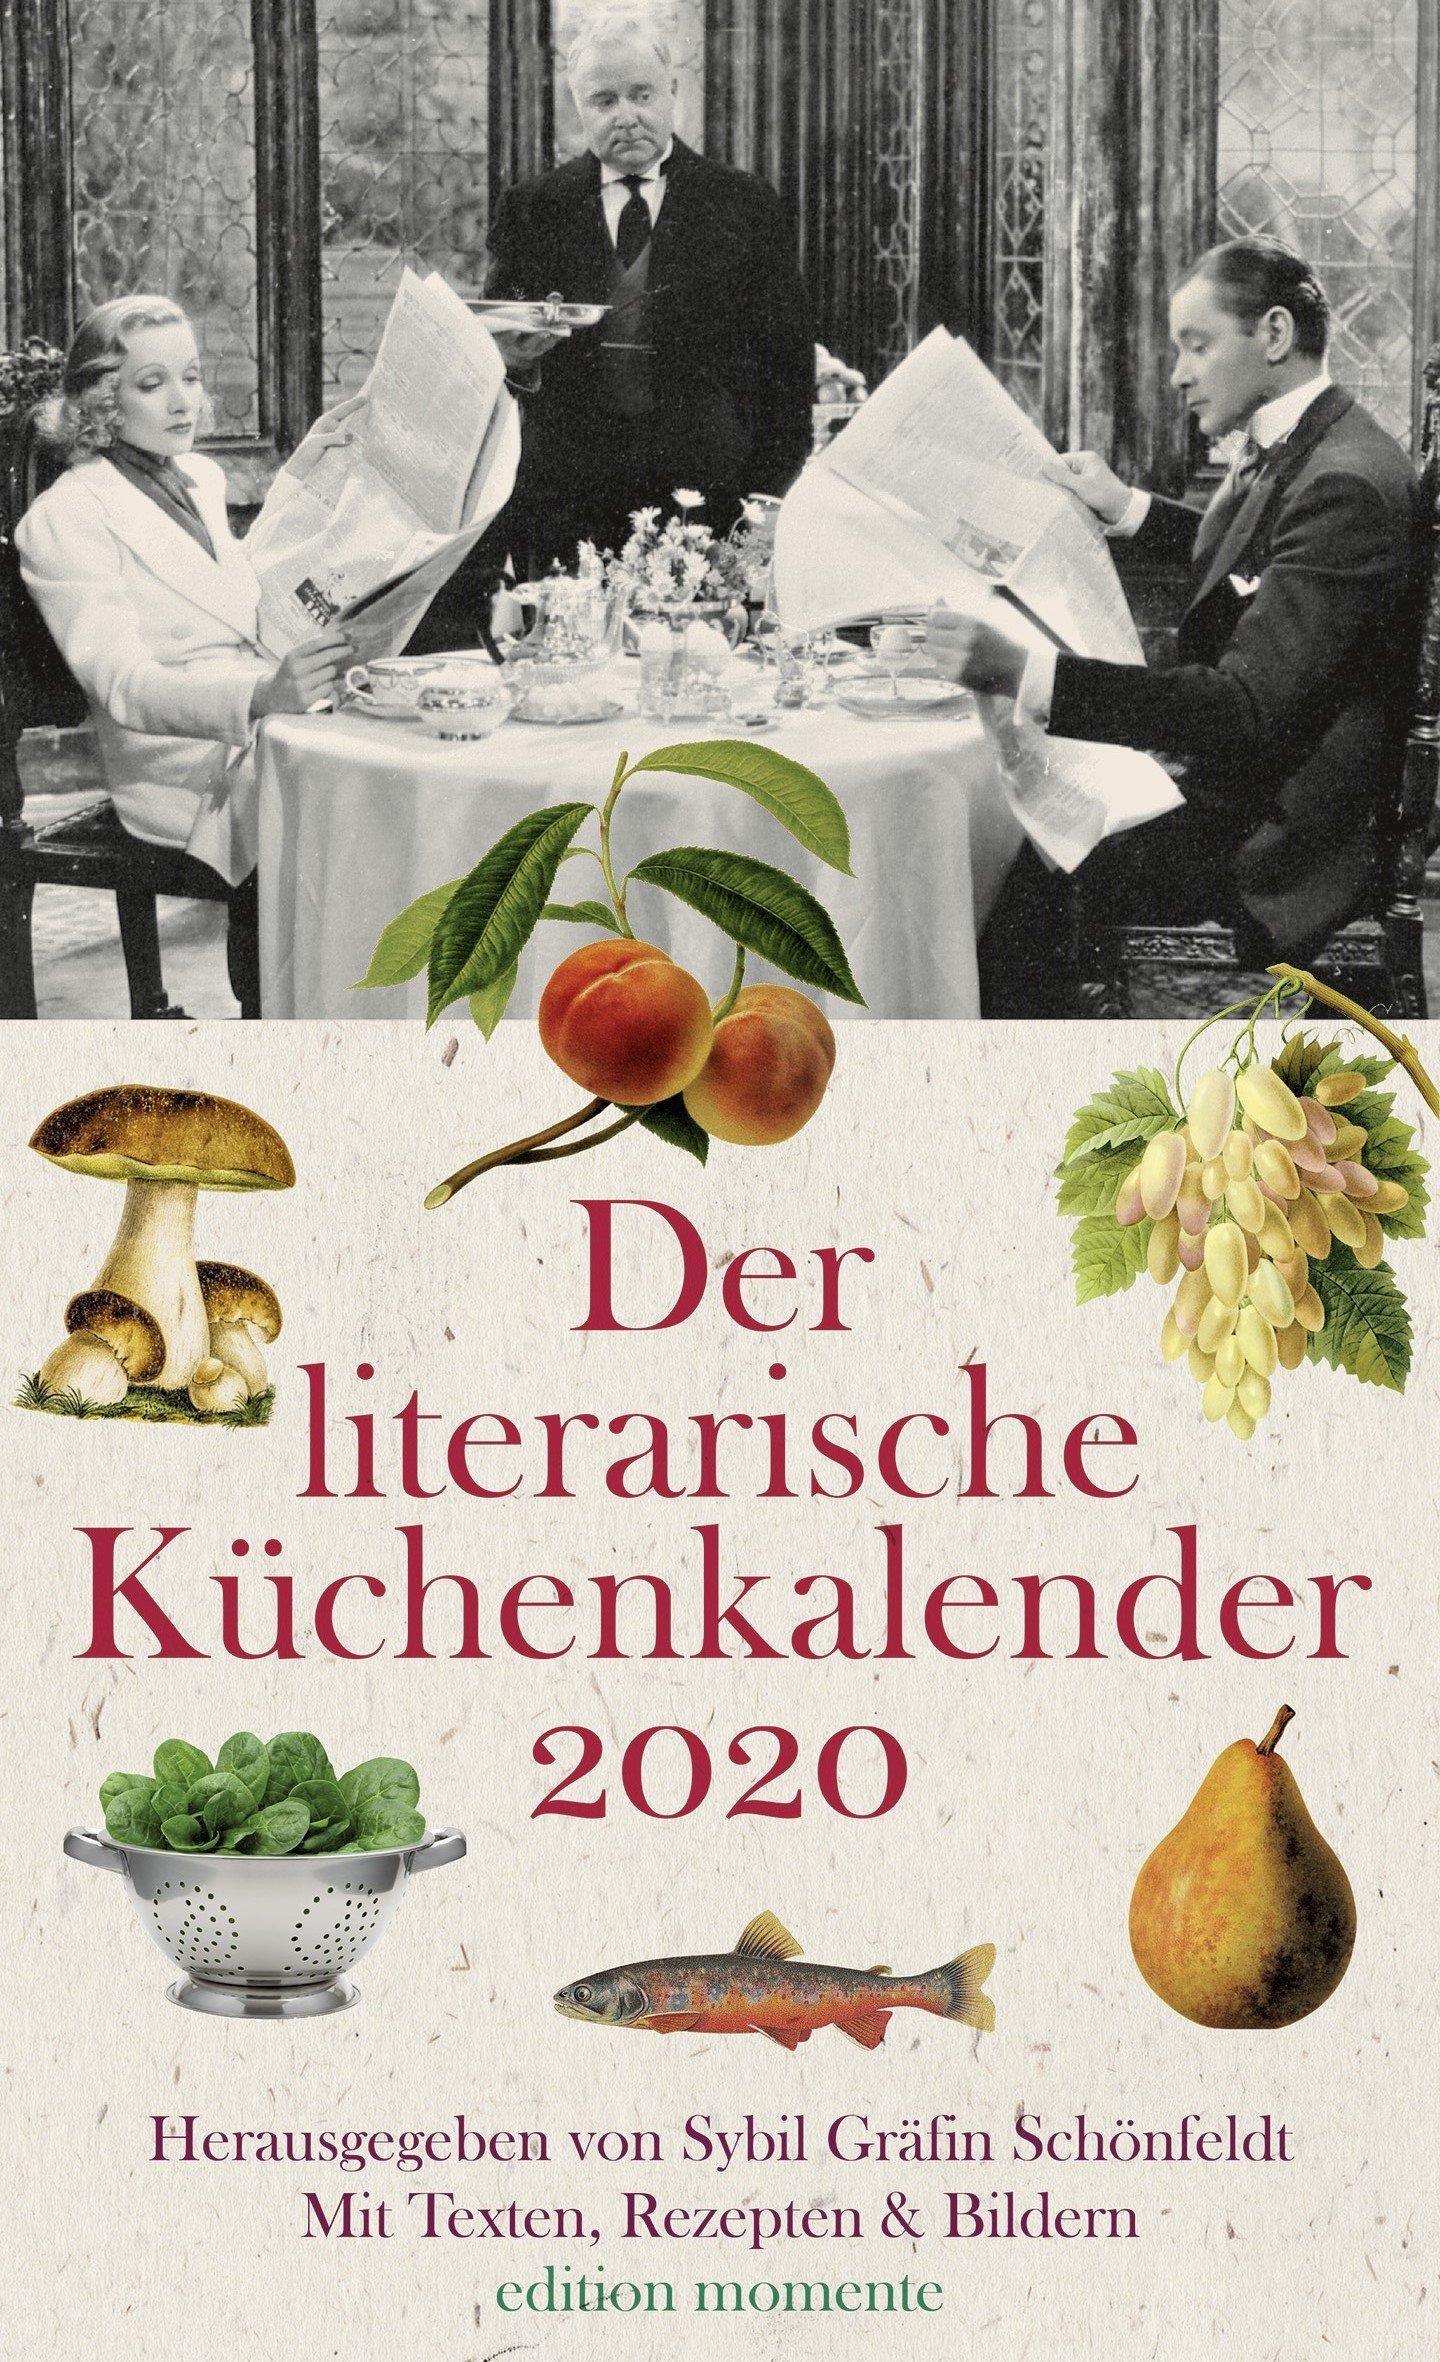 Der literarische Küchenkalender 2020